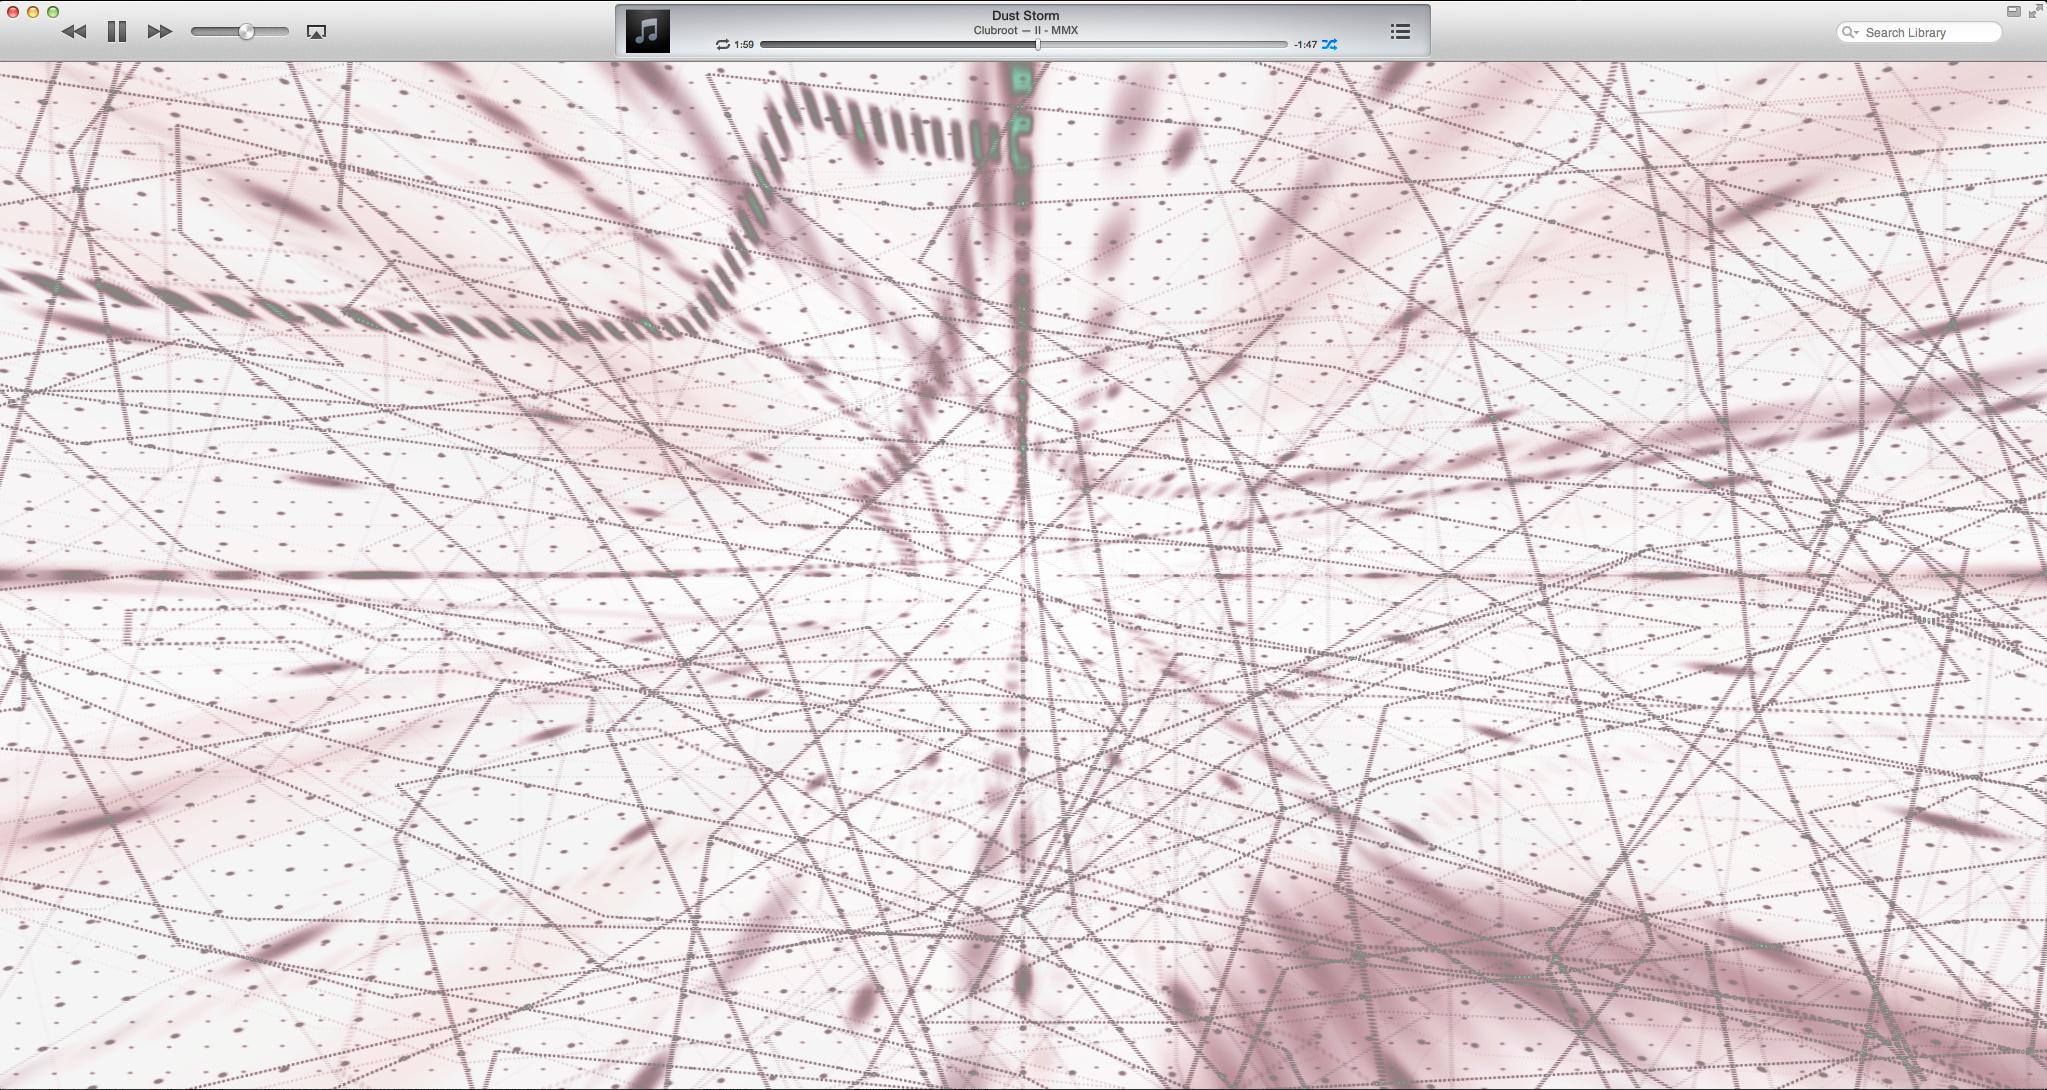 screen shot 2014-08-25 at 12 32 56 am